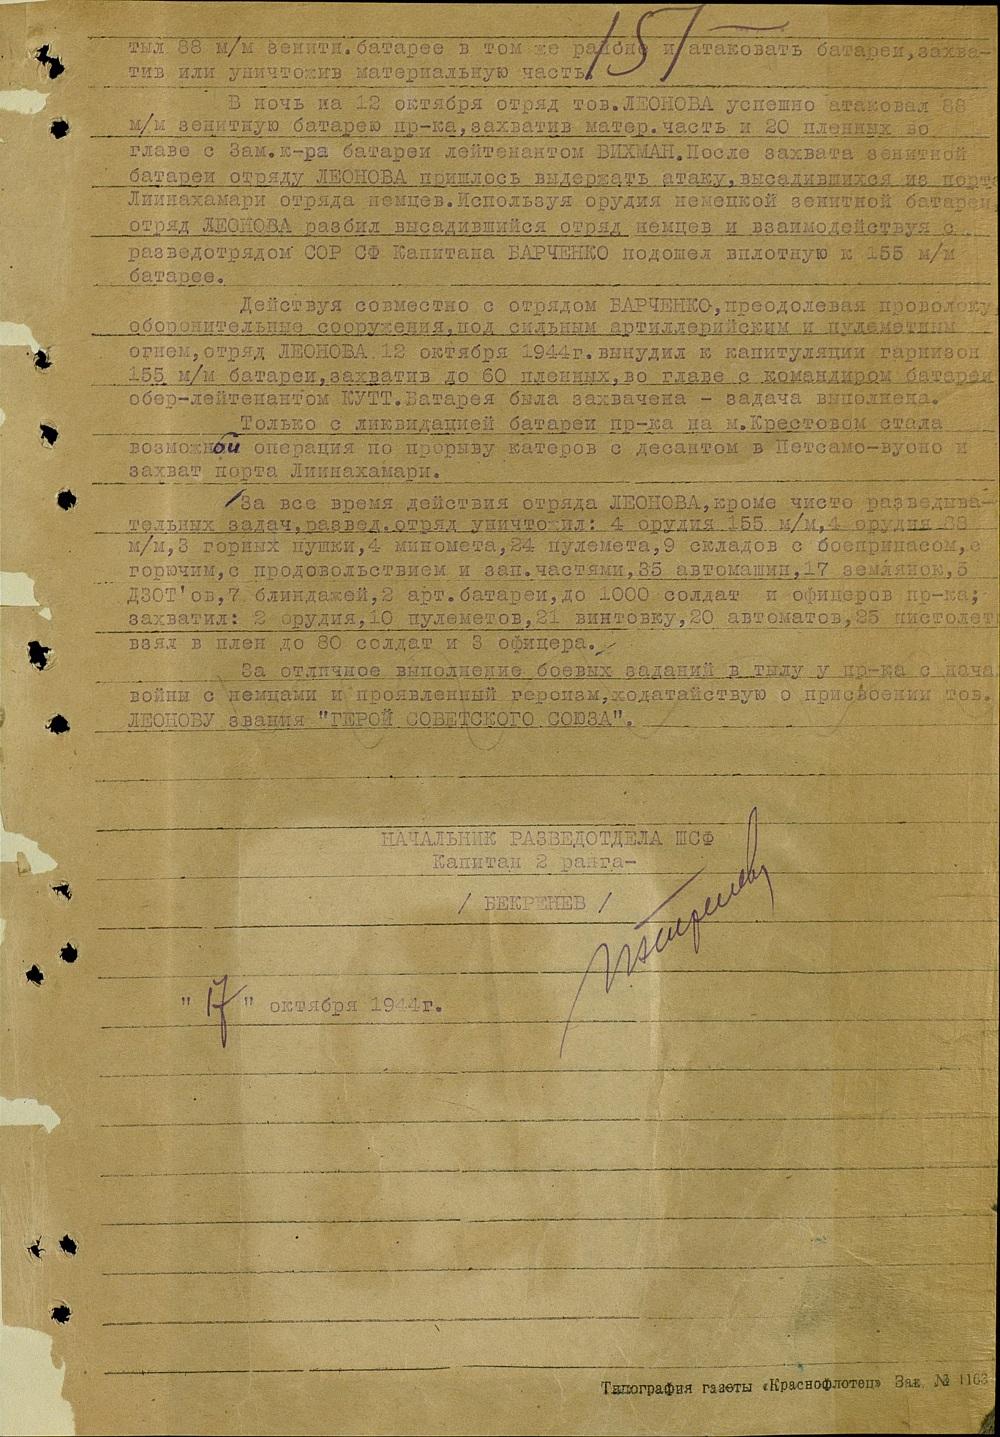 Леонов В.Н. ГСС-1(3)